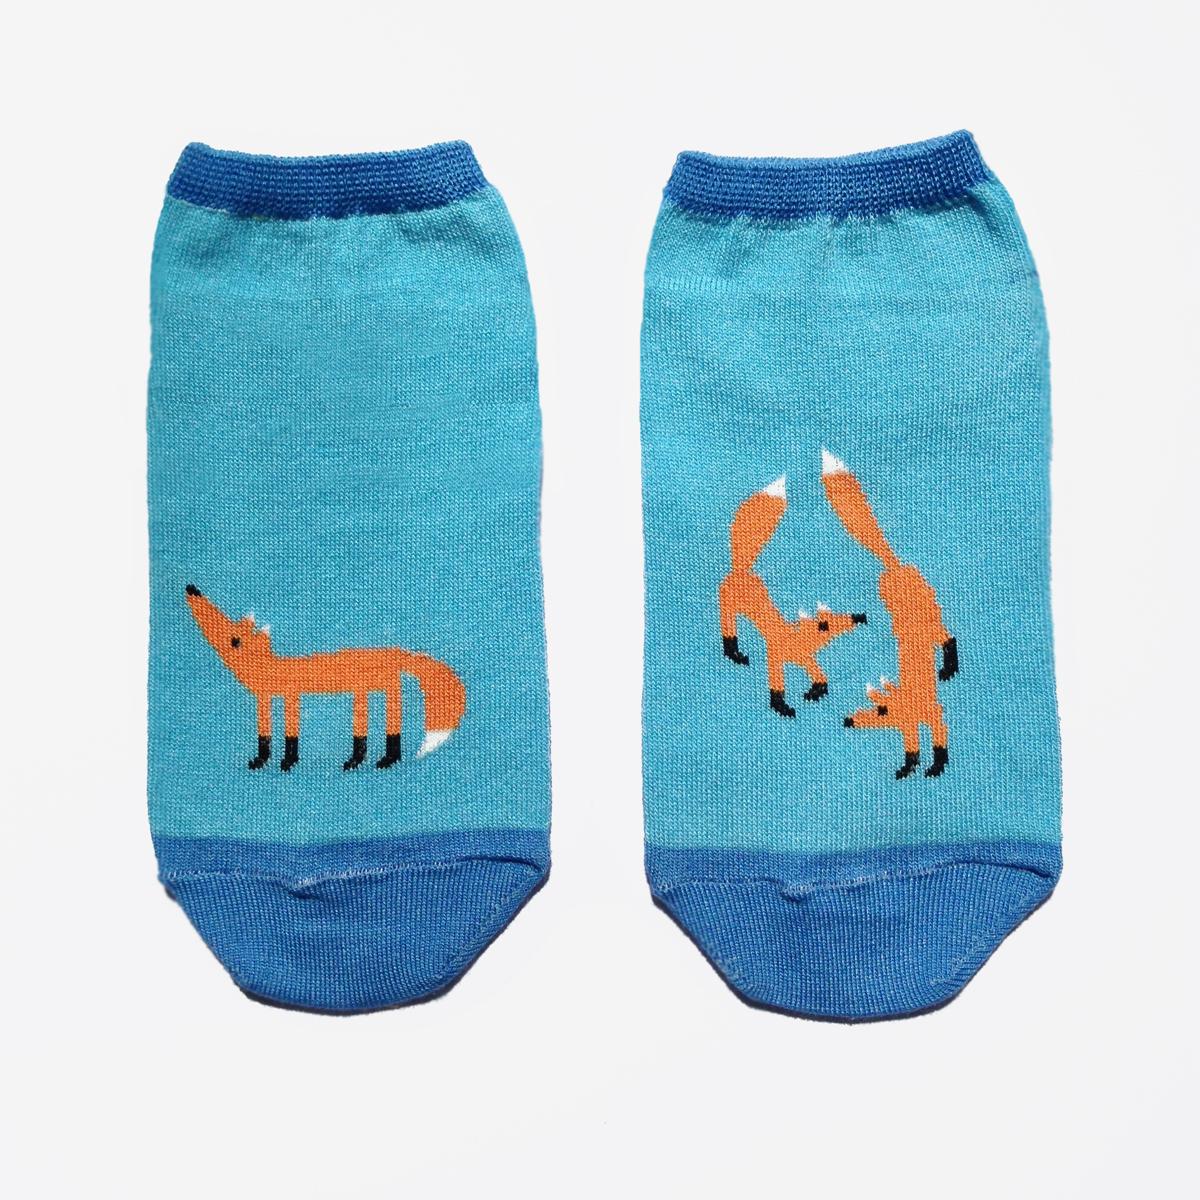 ca1122Укороченные женские носки Big Bang Socks изготовлены из высококачественного хлопка с добавлением полиамидных и эластановых волокон, которые обеспечивают великолепную посадку. Носки отличаются ярким стильным дизайном, они оформлены изображением лисичек. Удобная резинка идеально облегает ногу и не пережимает сосуды, а усиленные пятка и мысок повышают износоустойчивость носка. Дизайнерские носки Big Bang Socks - яркая деталь в вашем образе и оригинальный подарок для друзей и близких.